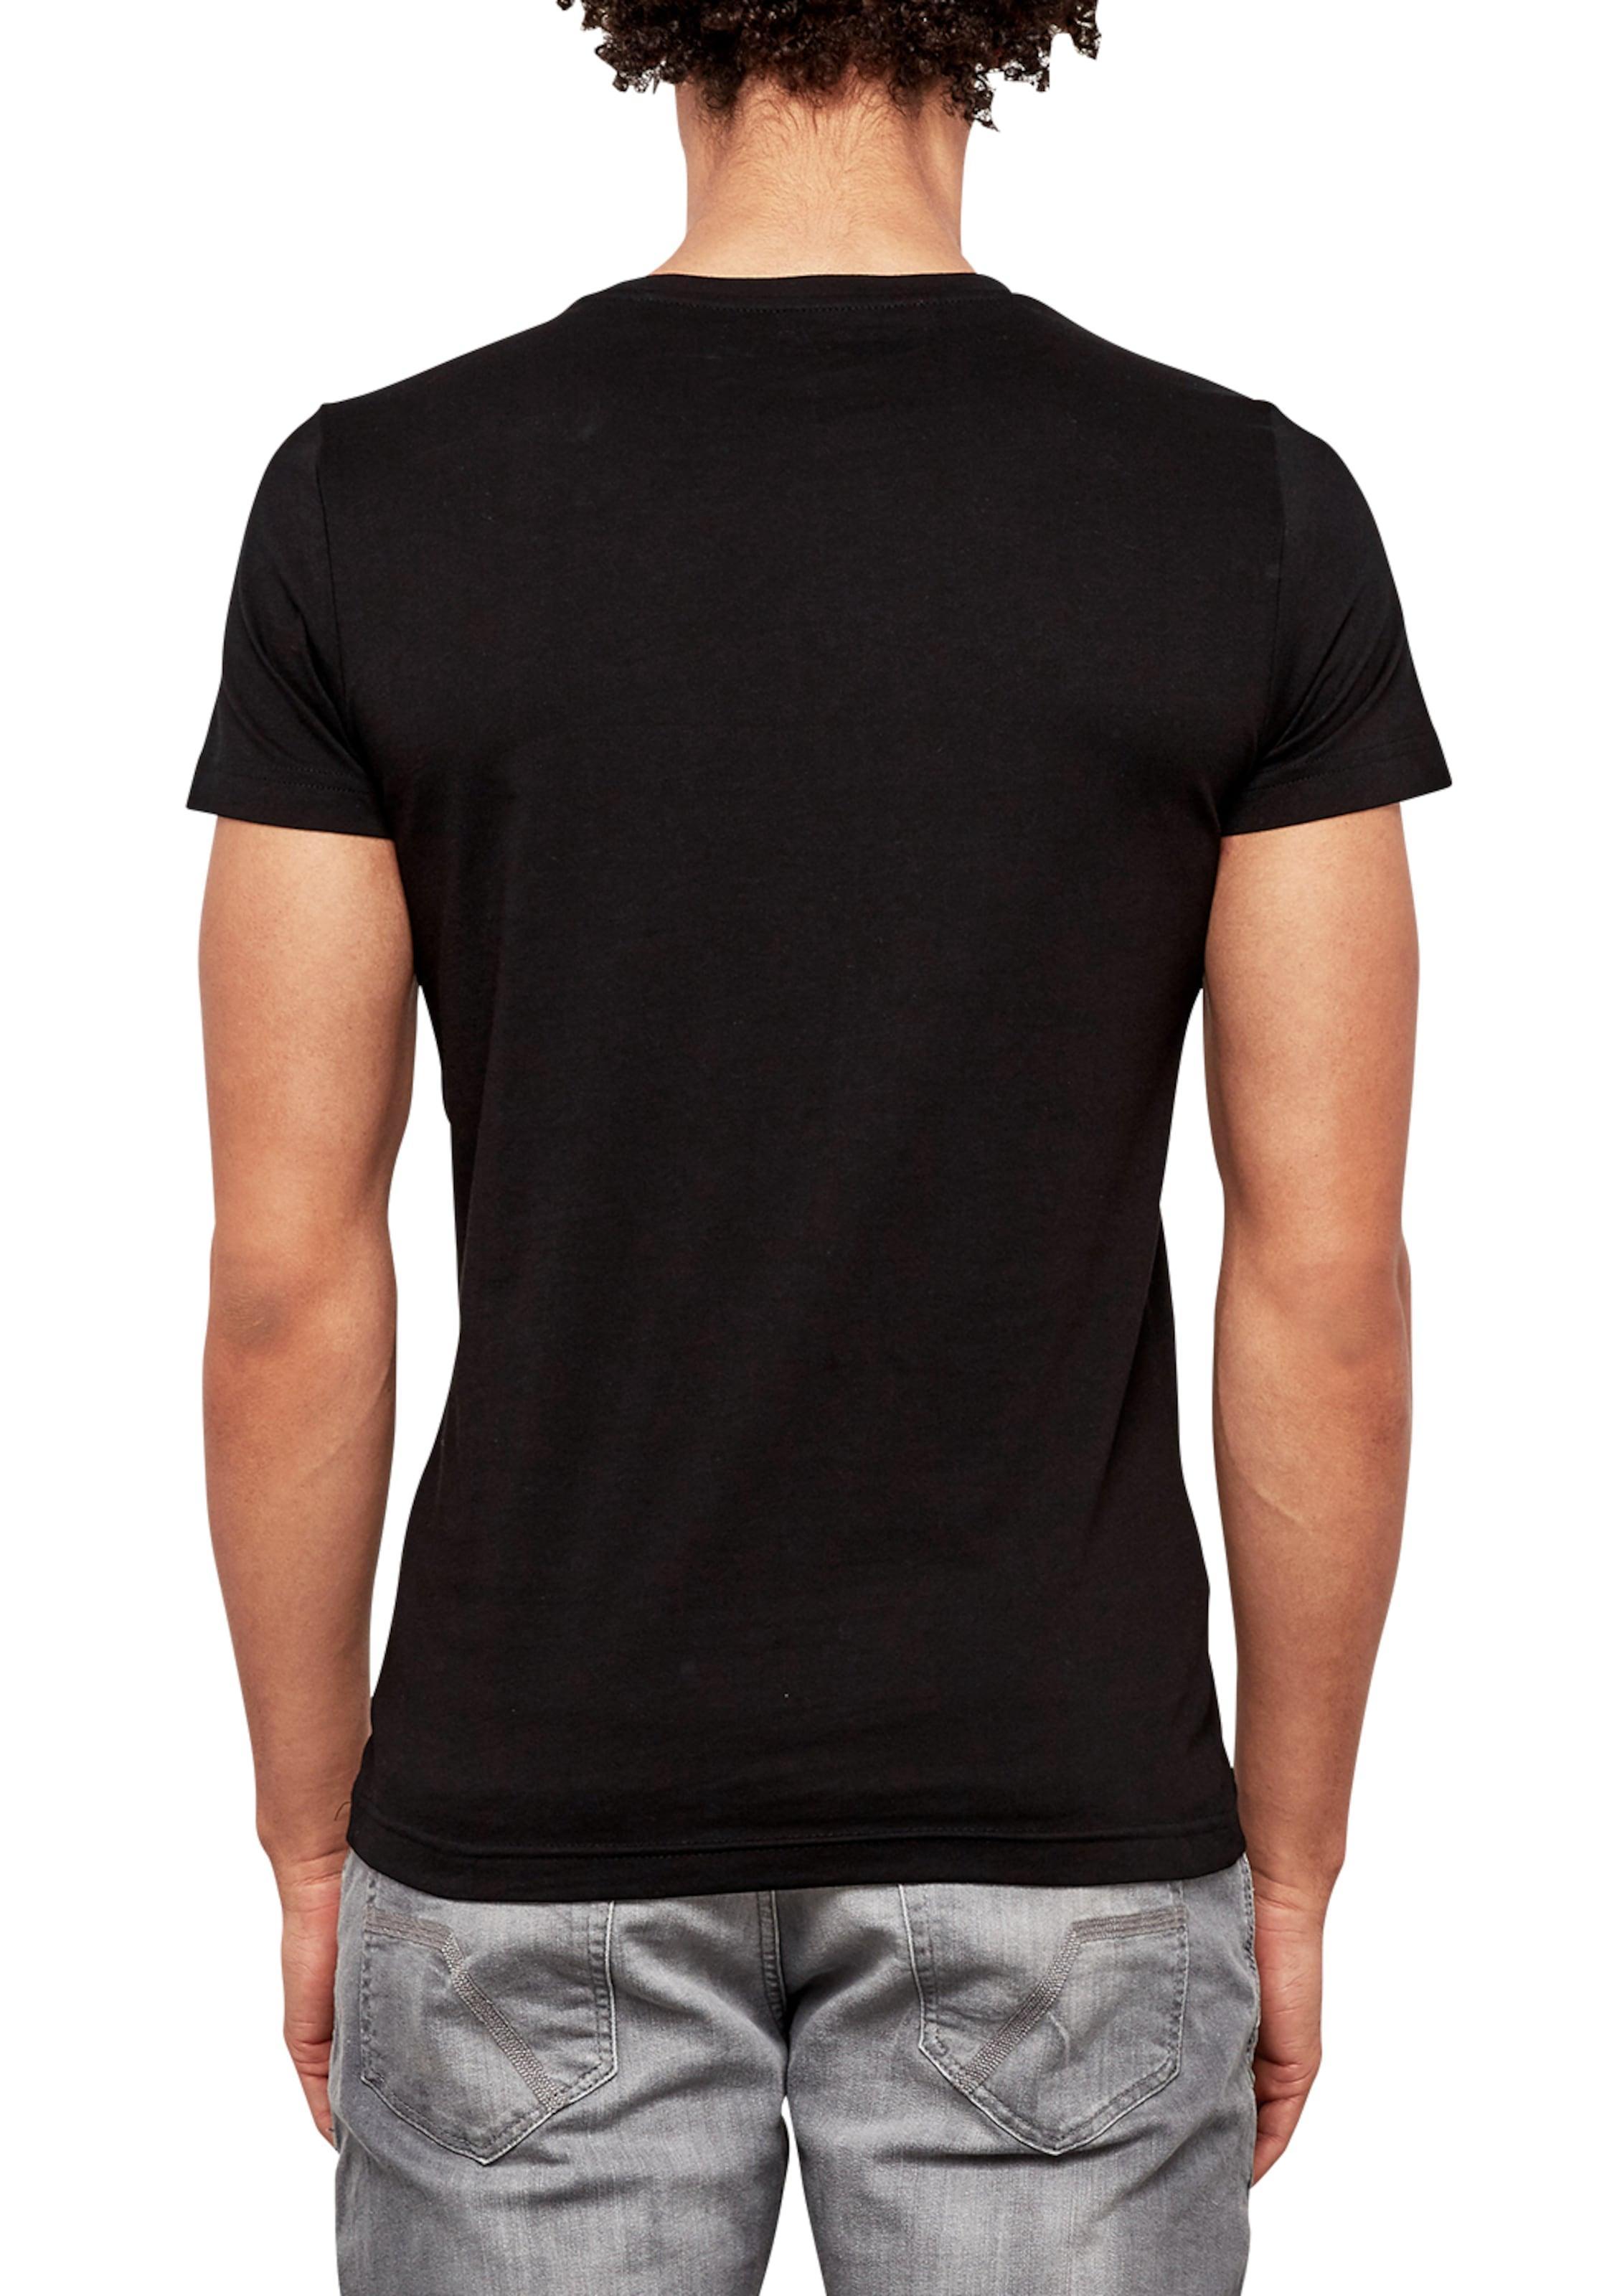 Sneakernews Online Q/S designed by T-Shirt mit Foto-Print Rabatt Mit Kreditkarte Billig Verkauf Finden Große p3oQv